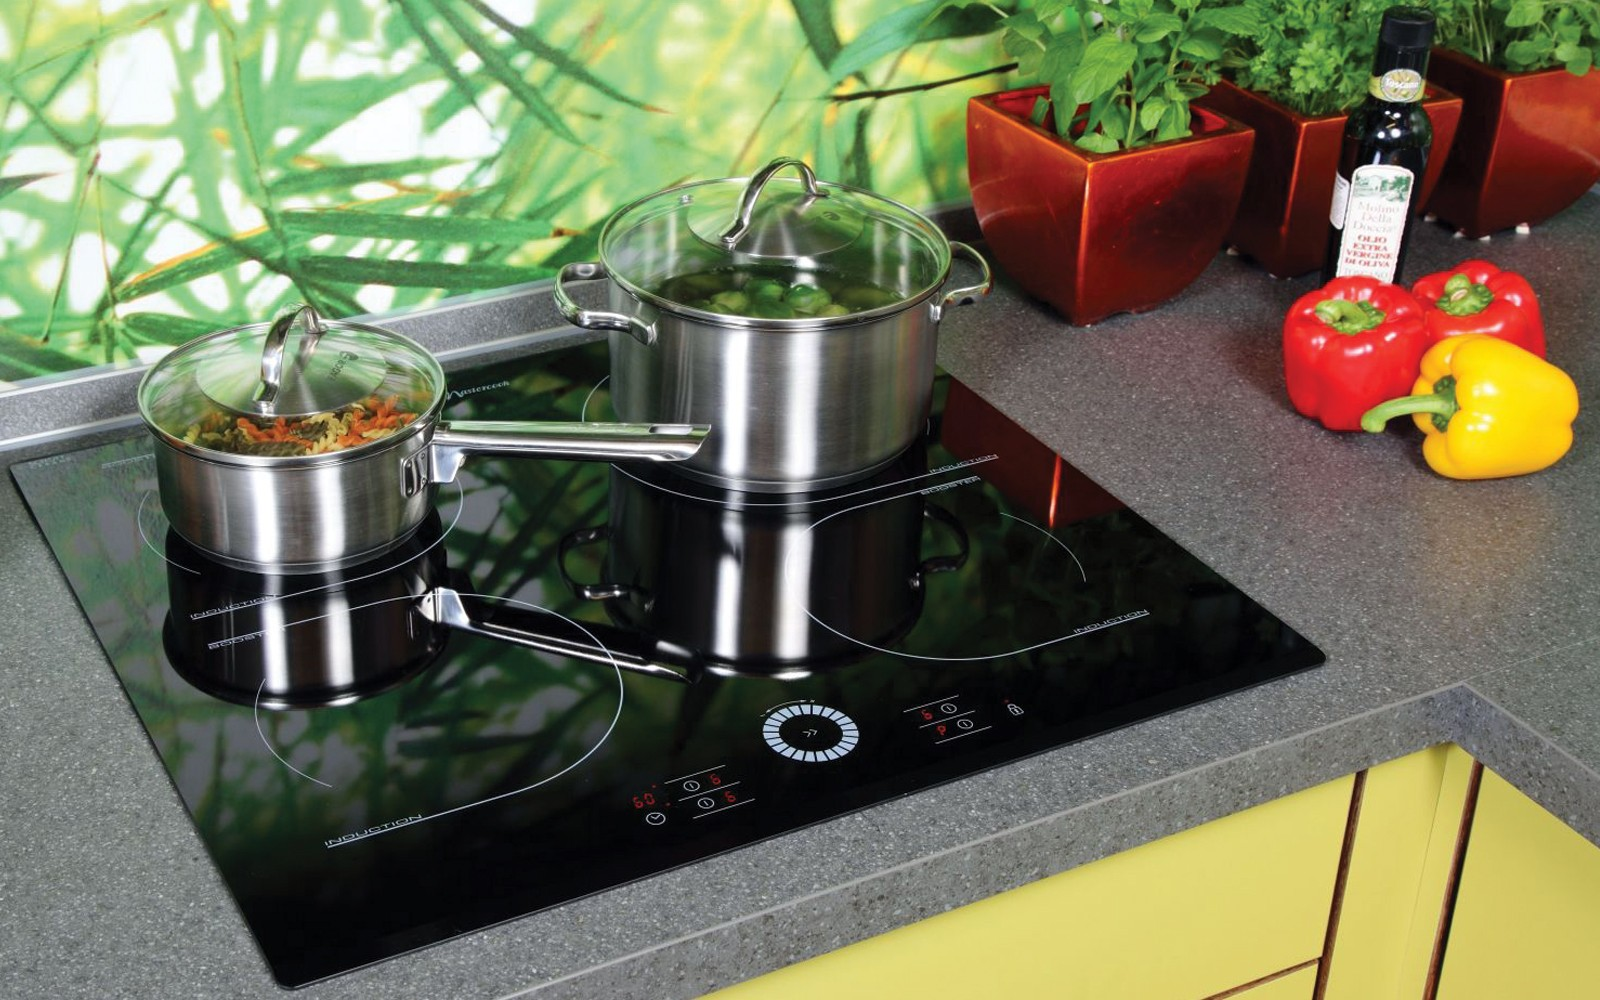 Những lưu ý khi sử dụng bếp từ 4 vùng nấu?